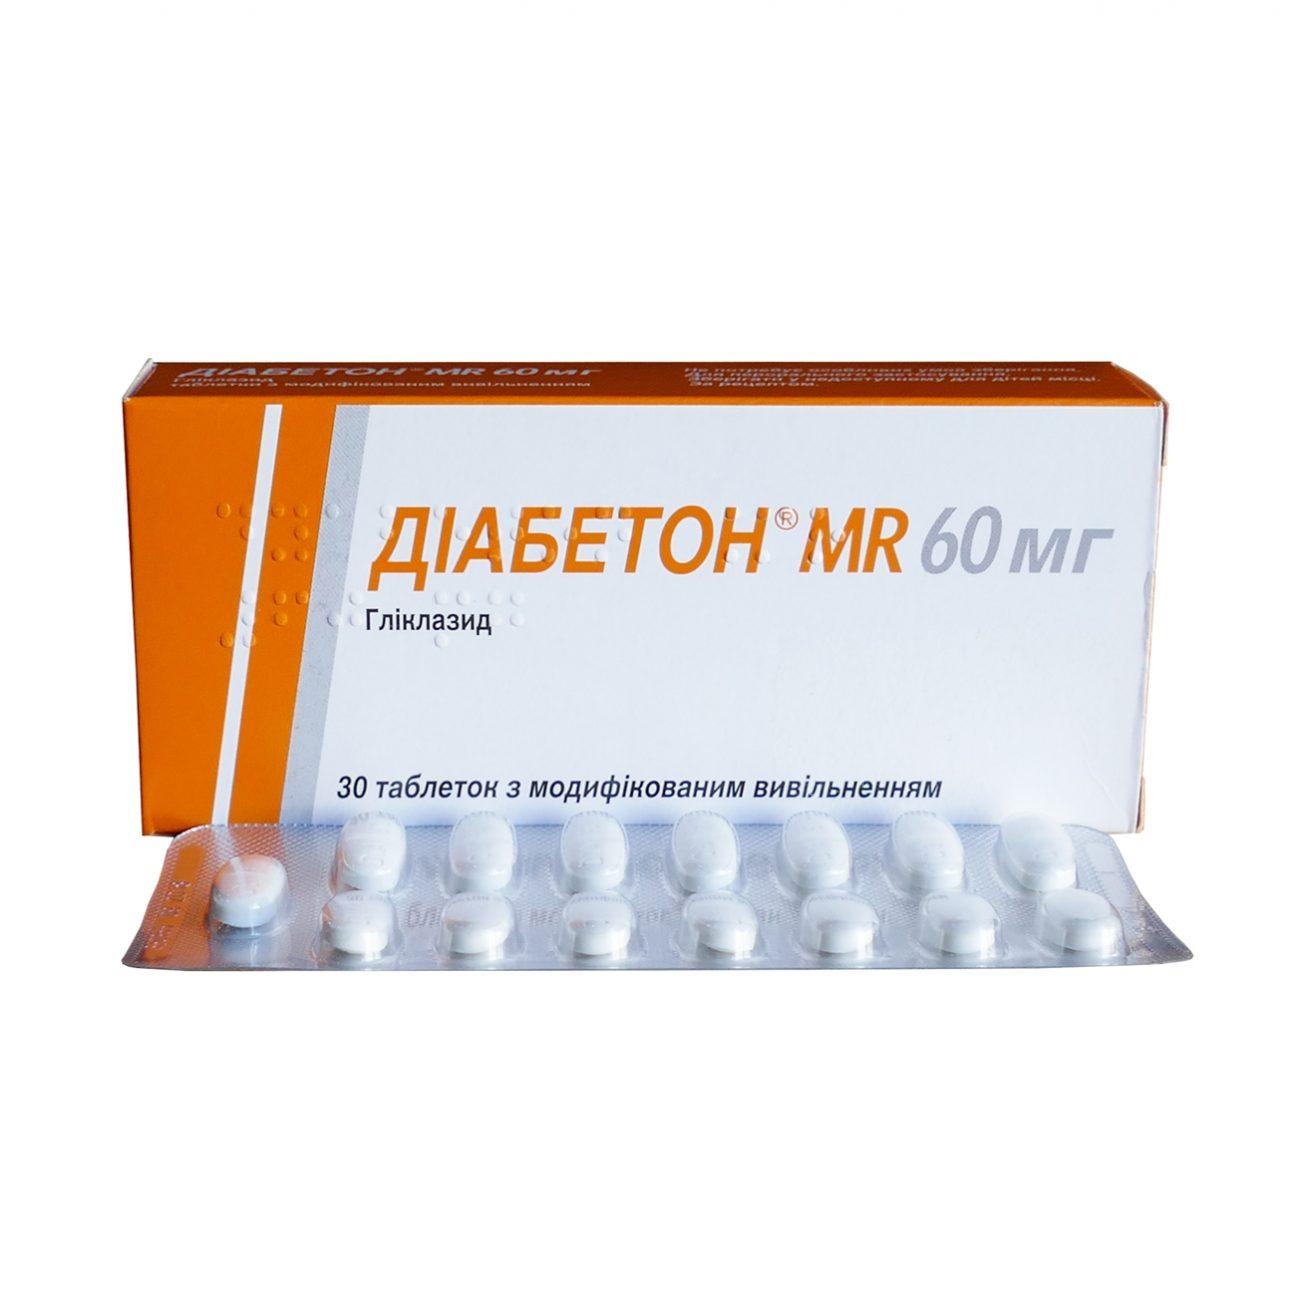 Диабетон: аналоги и заменители в россии препарата от диабета